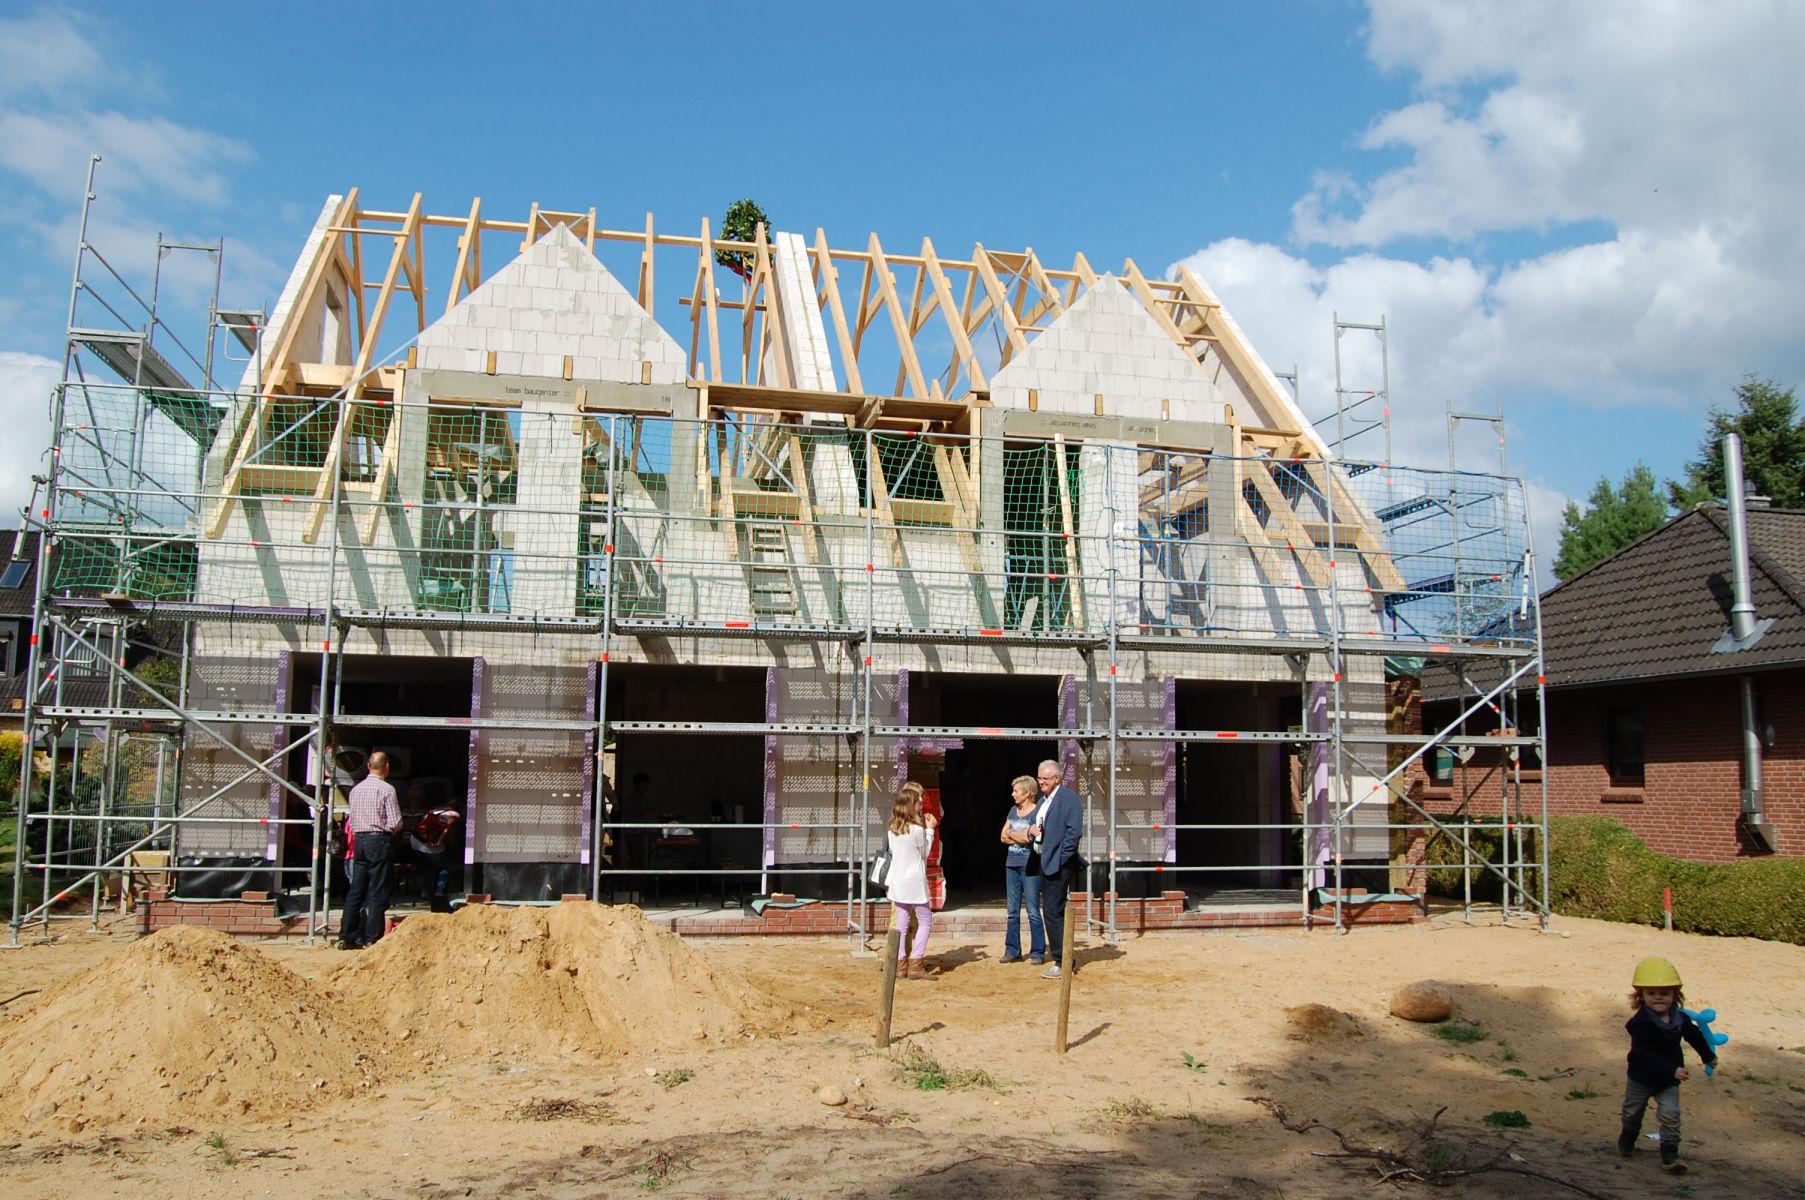 Sie möchten Ihr Traumhaus bauen?